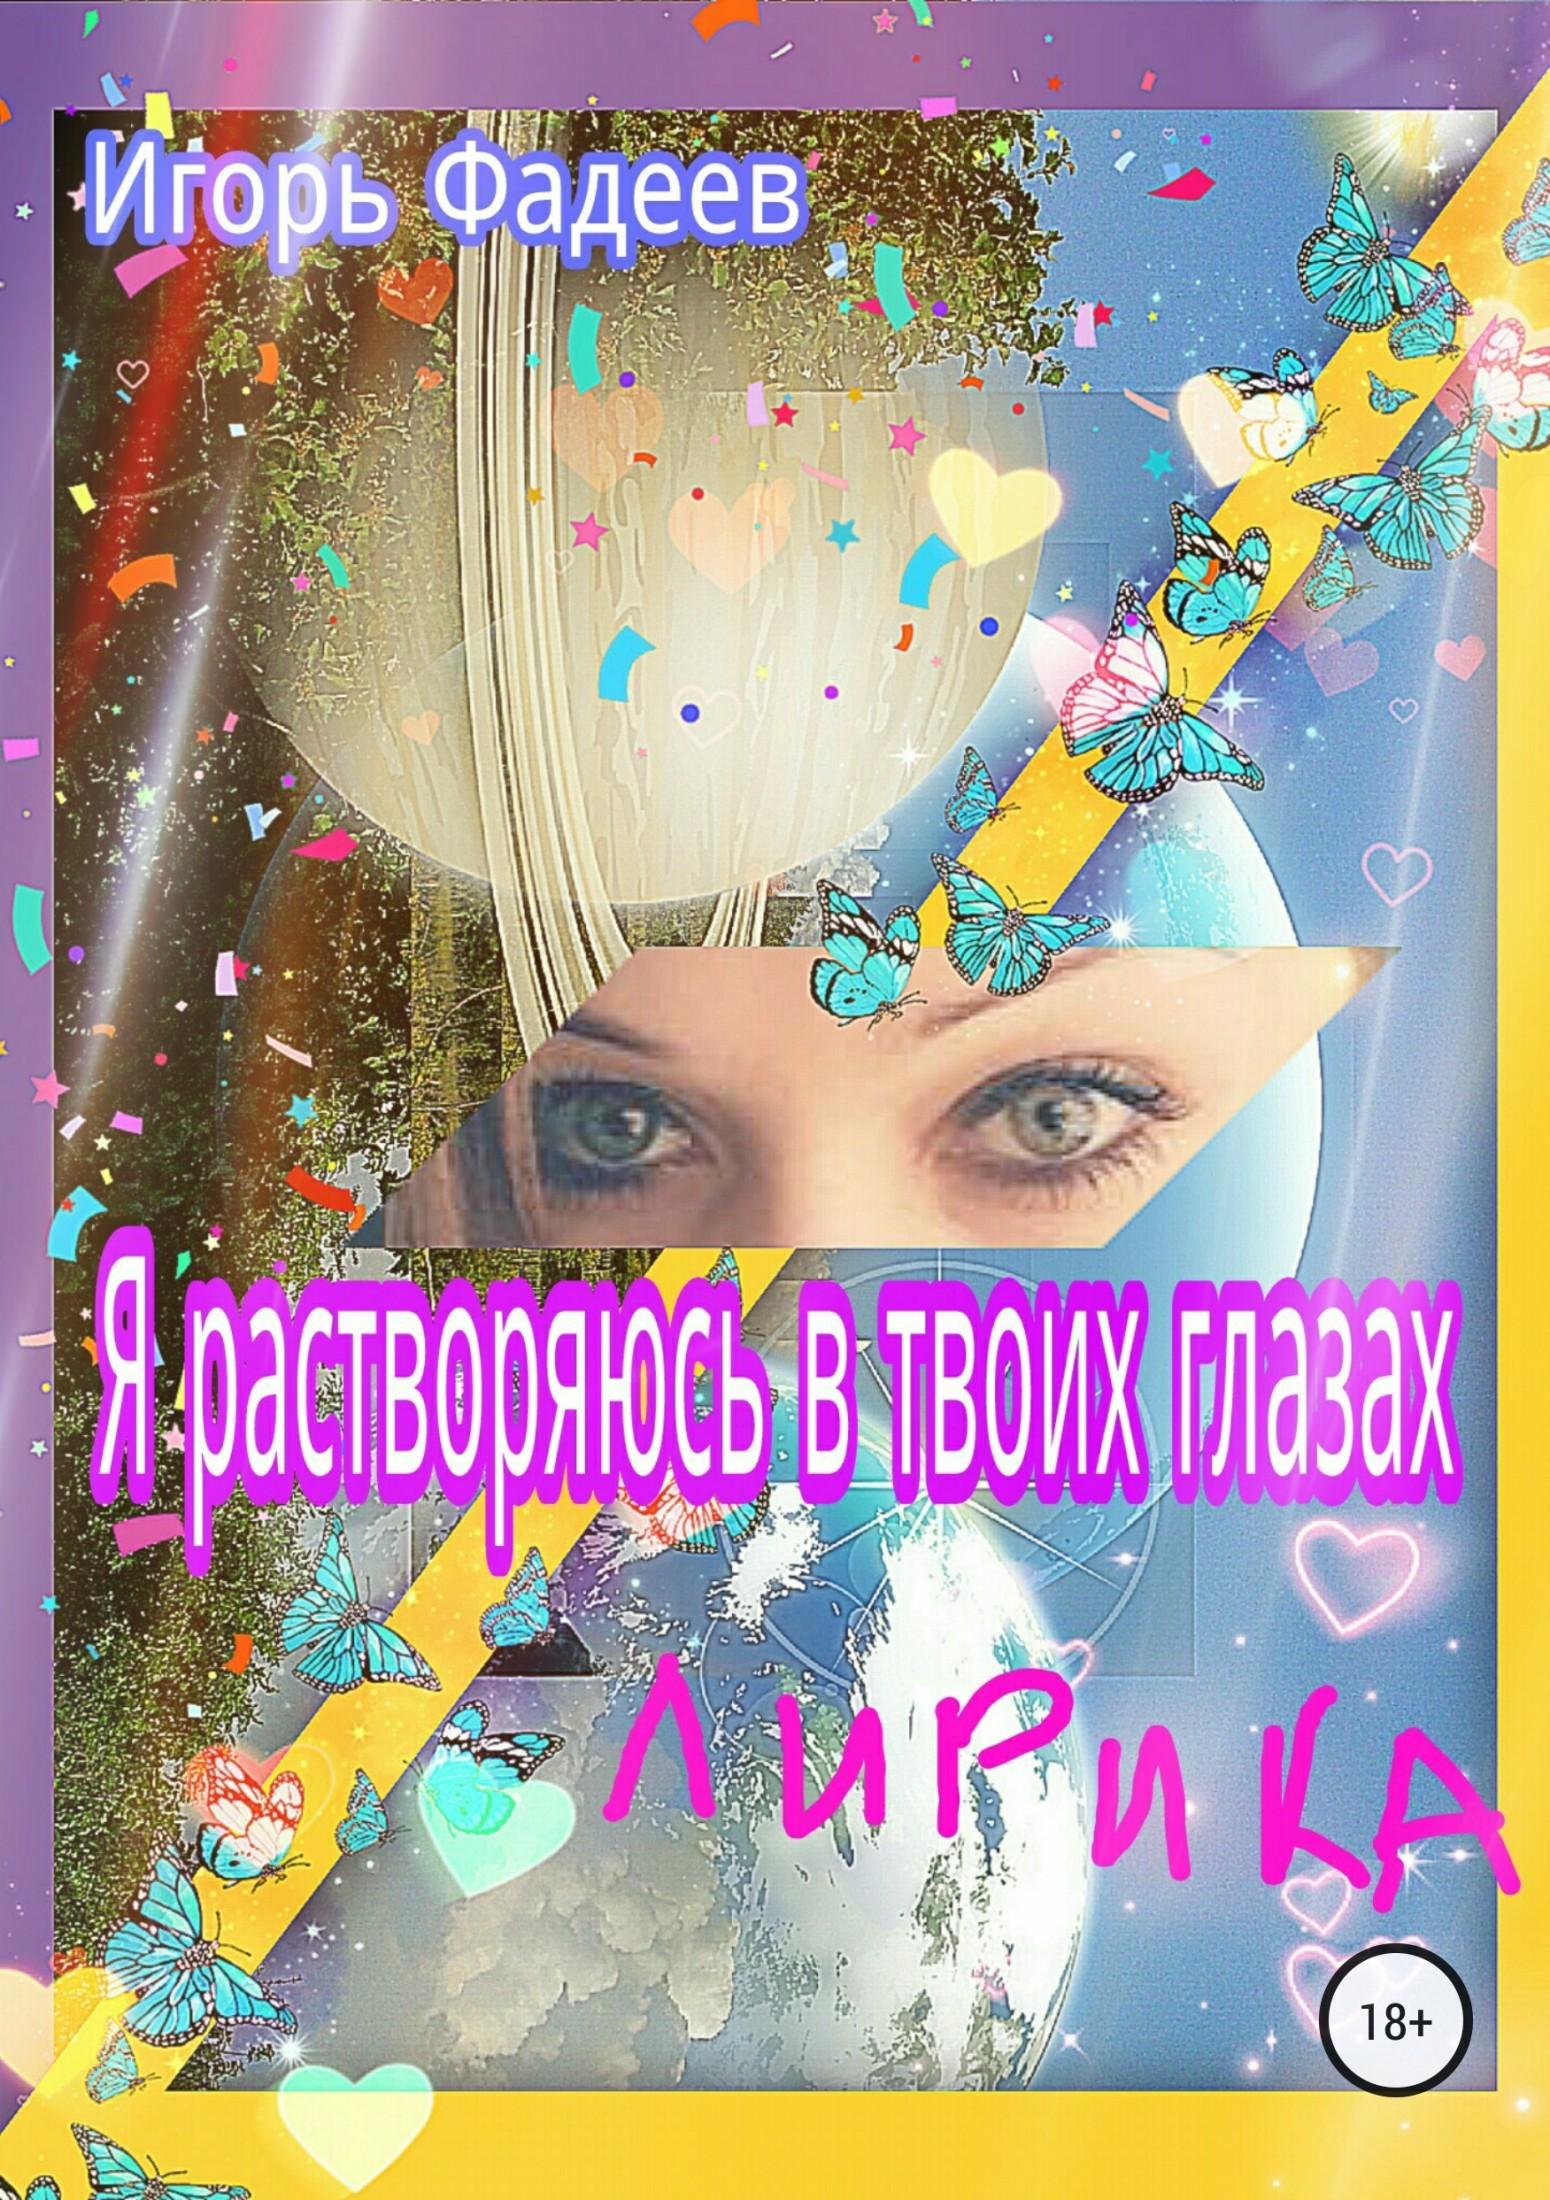 Игорь Алексеевич Фадеев Я растворяюсь в твоих глазах игорь алексеевич фадеев жизнь плохая а хочется рая